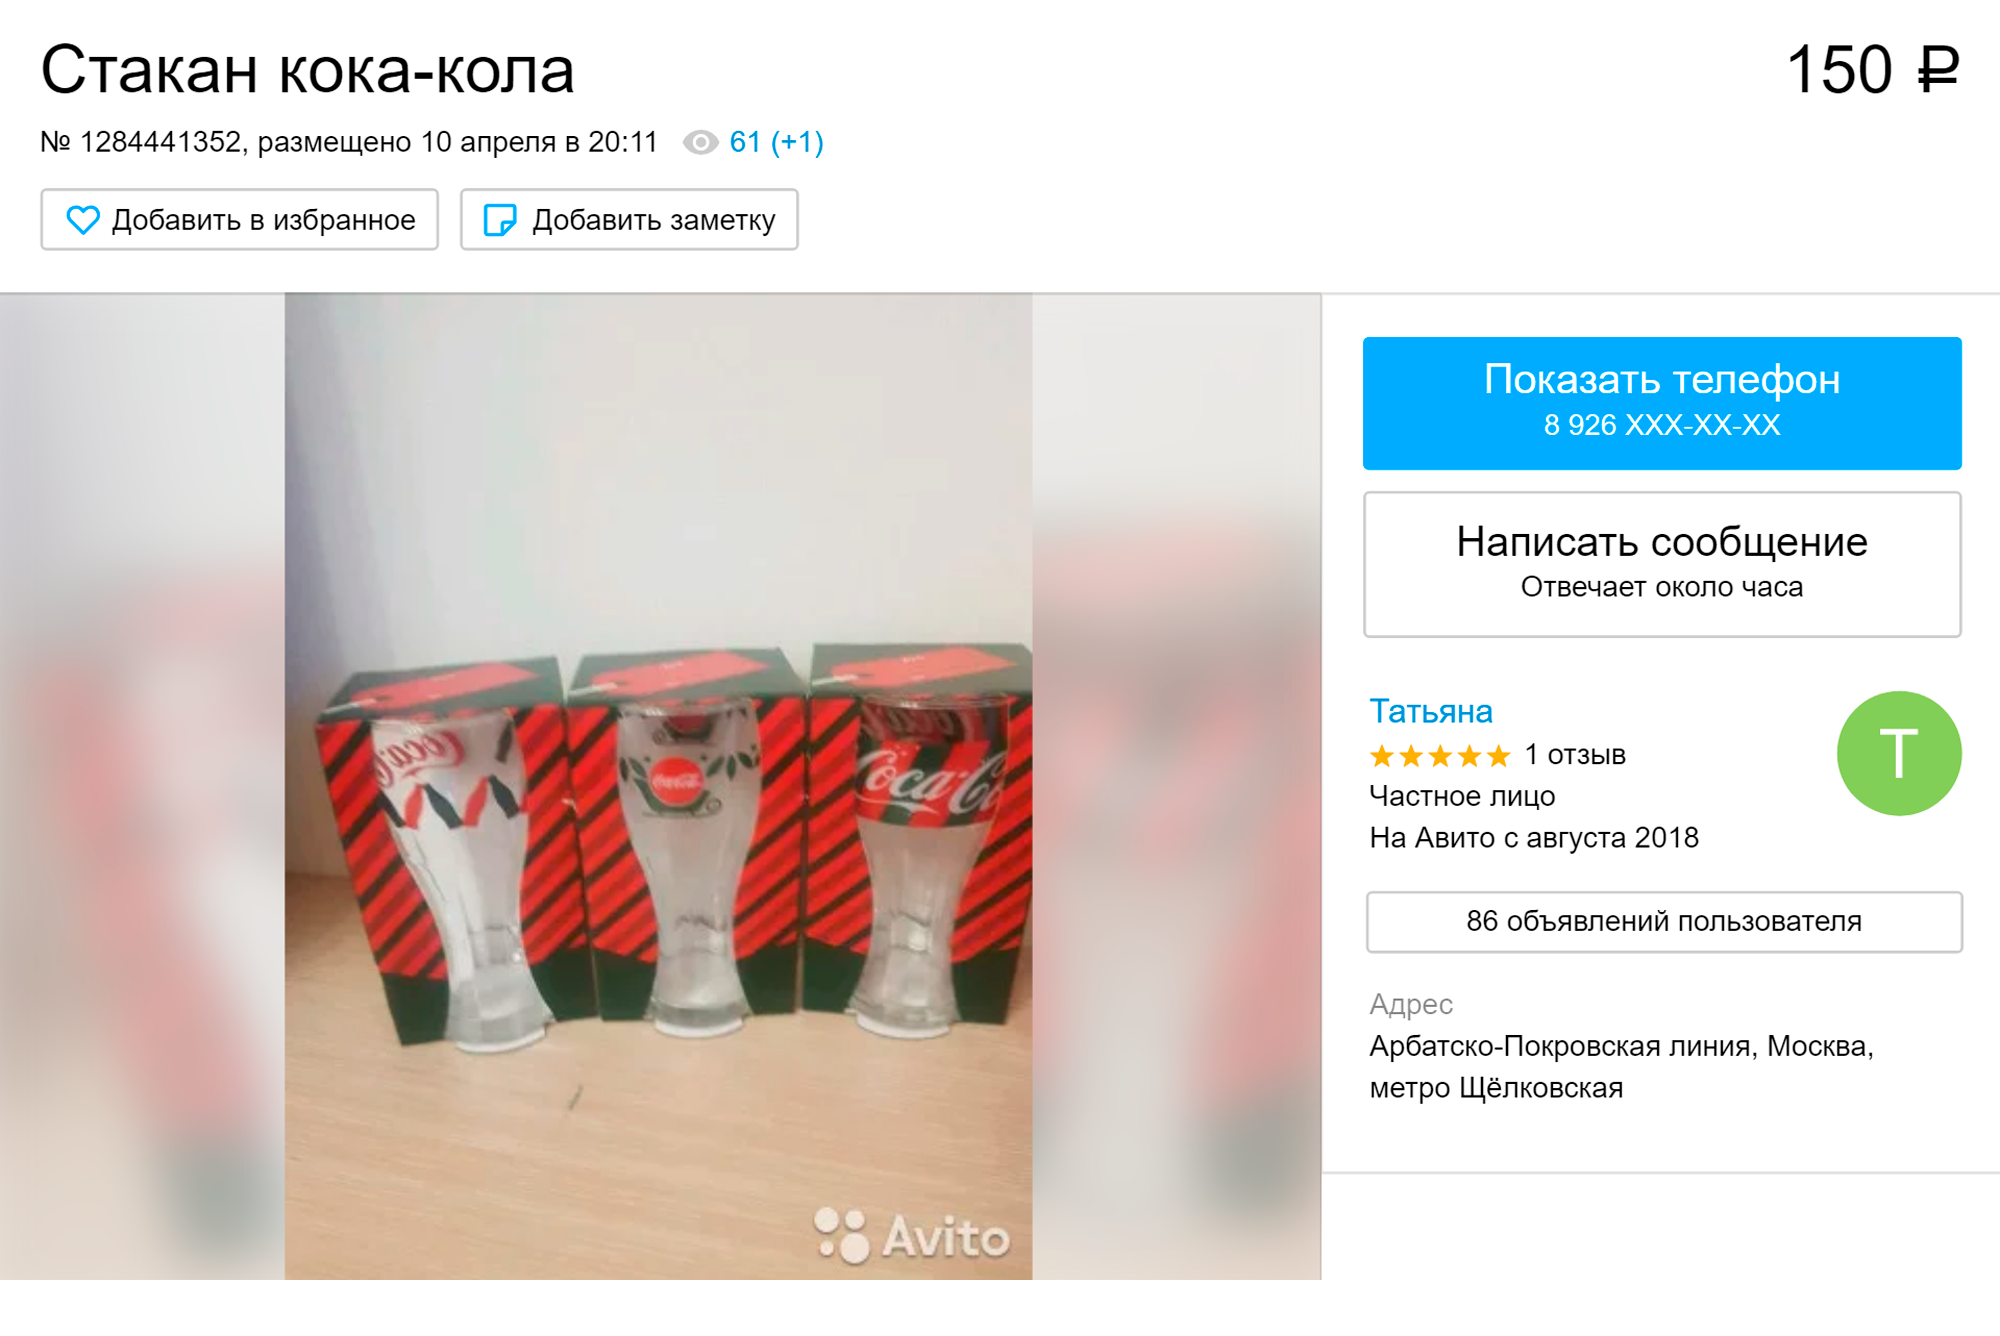 Во время акции один стакан «стоил» 5 двухлитровых бутылок «Кока-колы»